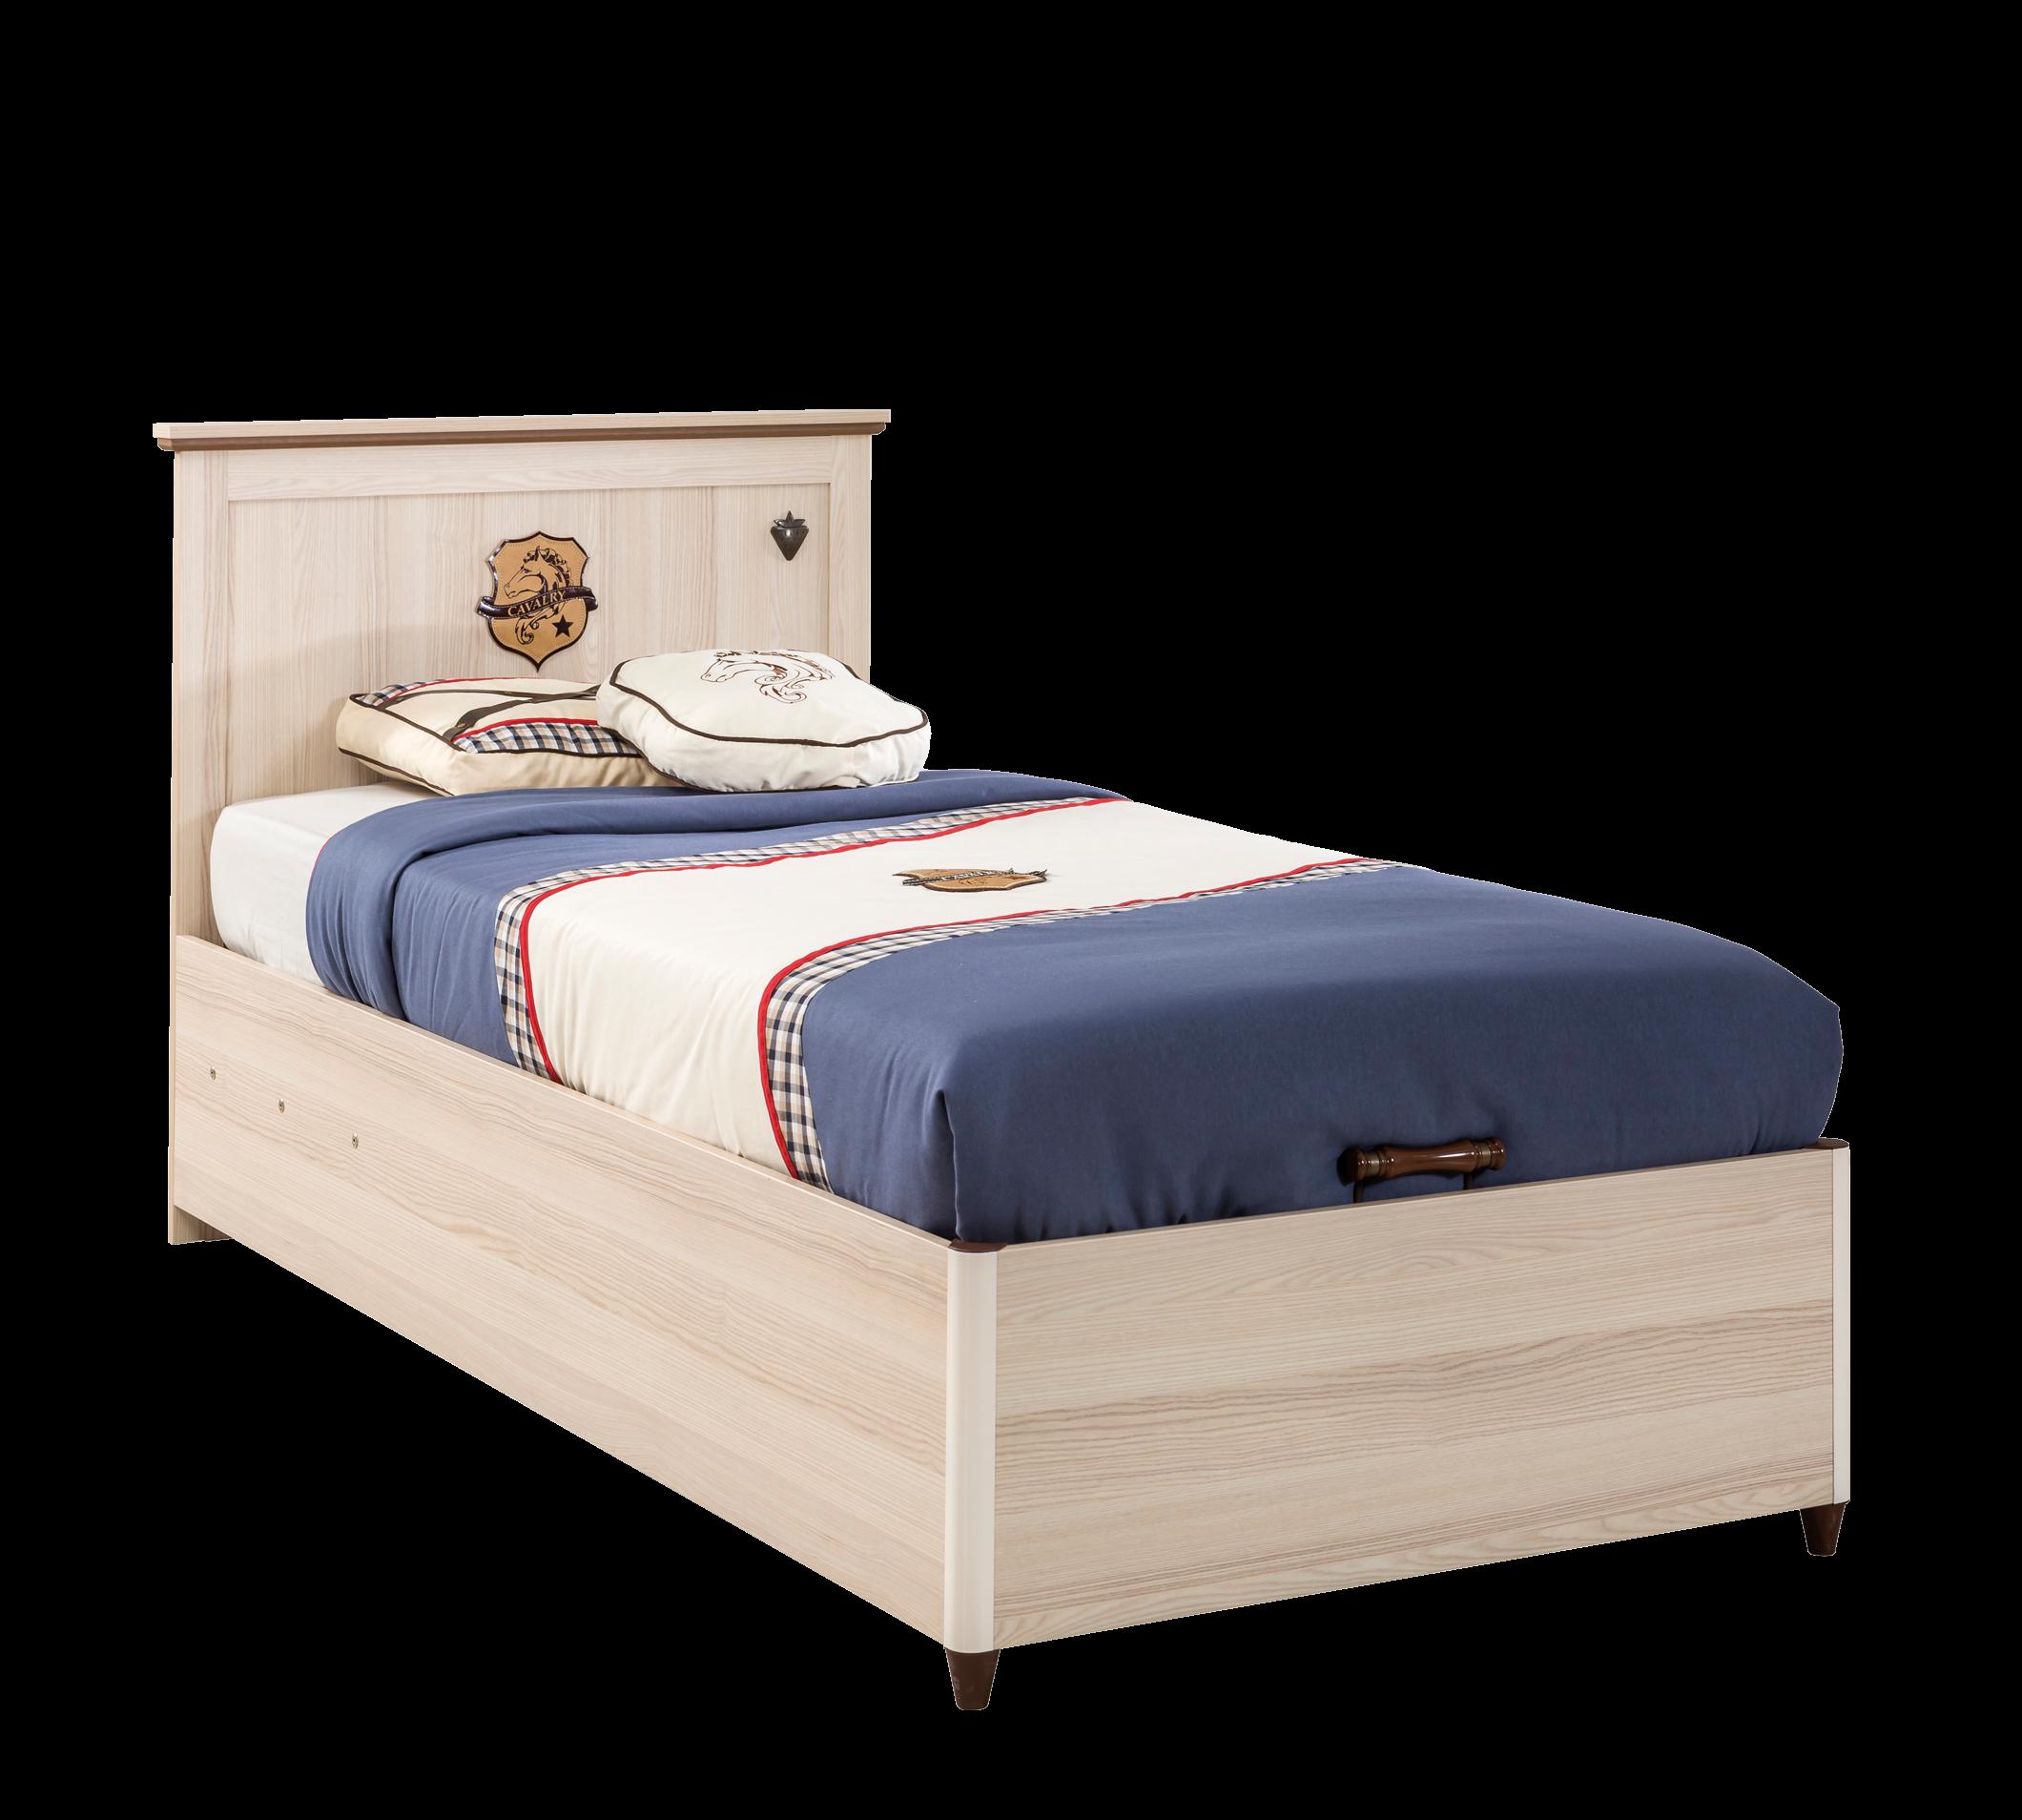 Full Size of Royal Base Bett 90x190 Cm Lek Günstige Betten 140x200 Graues Frankfurt Stauraum Großes Ohne Kopfteil Bopita Günstig Kaufen Sitzbank 120x200 Mit Bettkasten Bett Bett 90x190